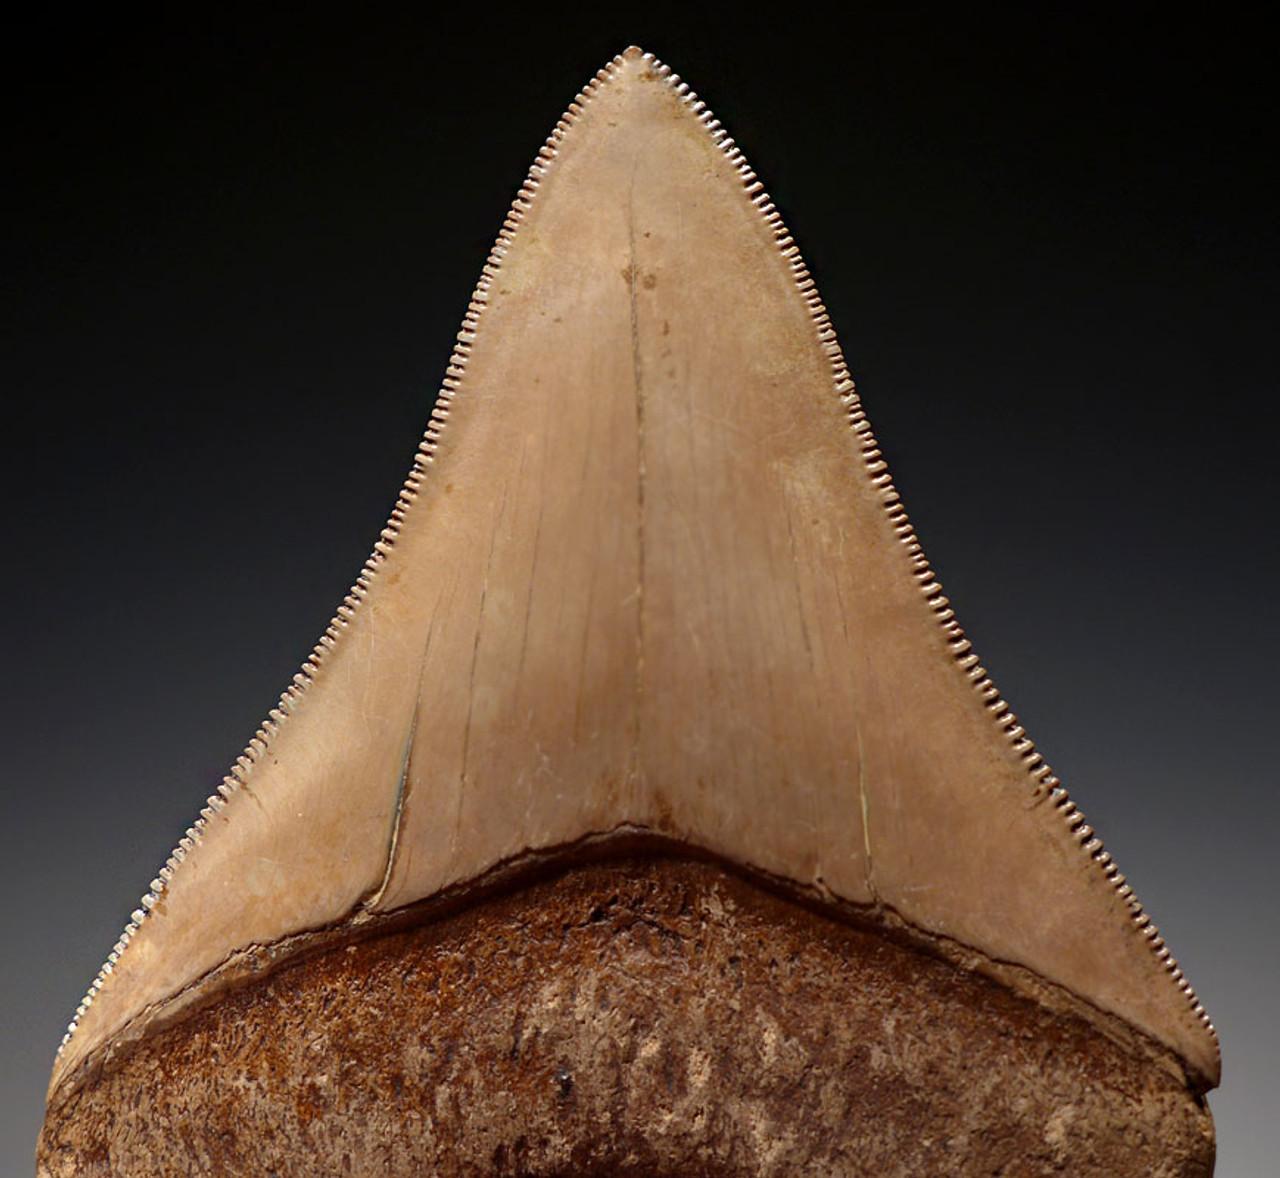 SH6-324 - FINEST GRADE 3.5 INCH MOTTLED IVORY MEGALODON SHARK TOOTH